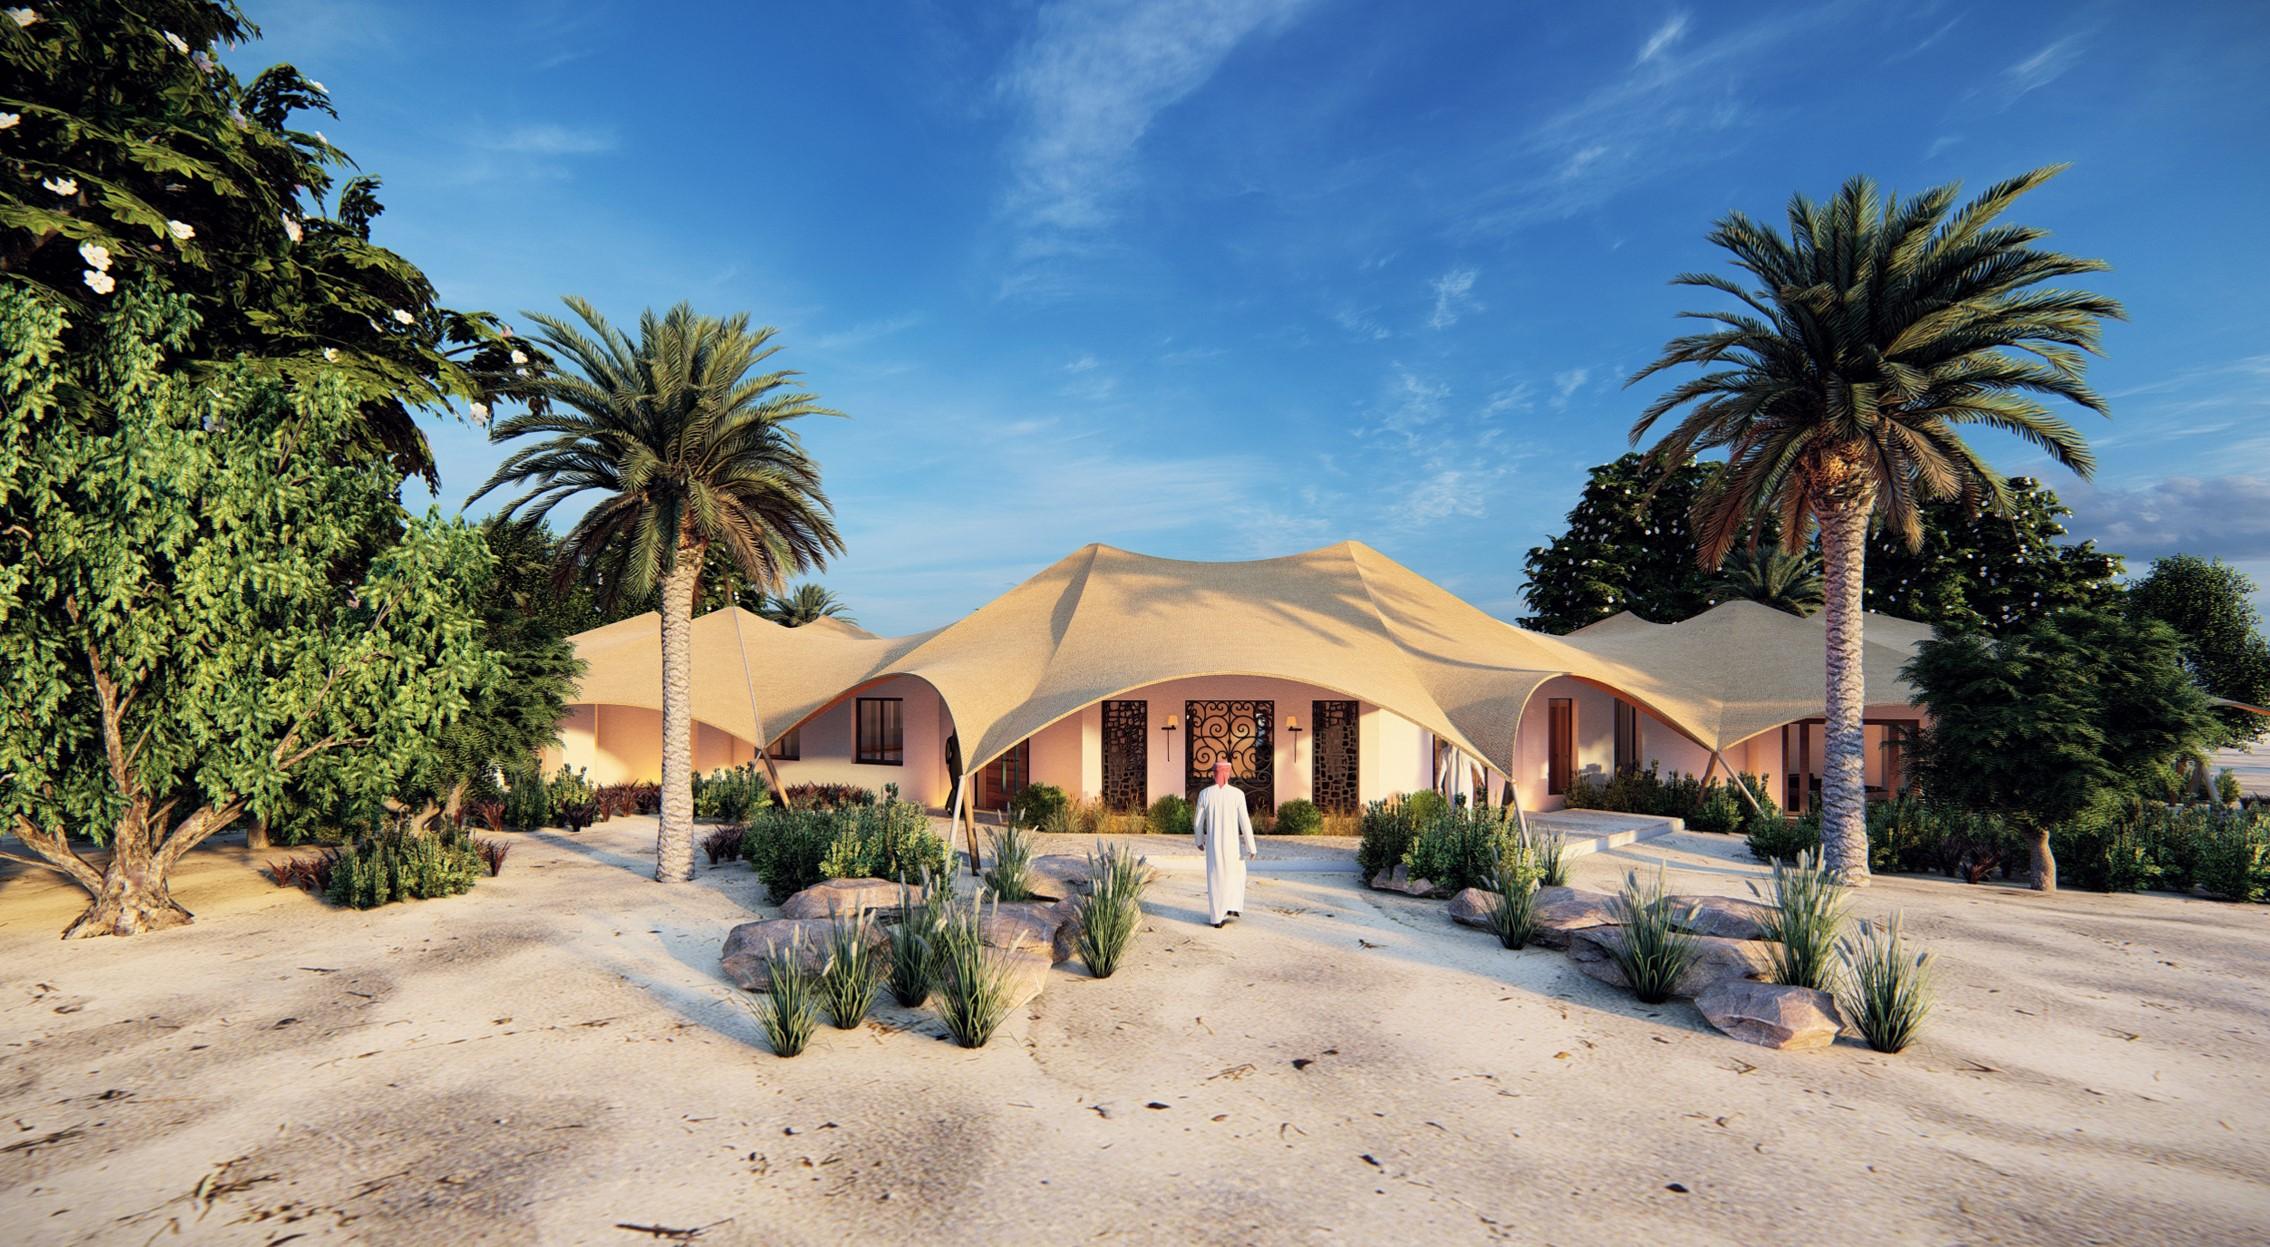 Hotel - Kingdom of Saudi Arabia